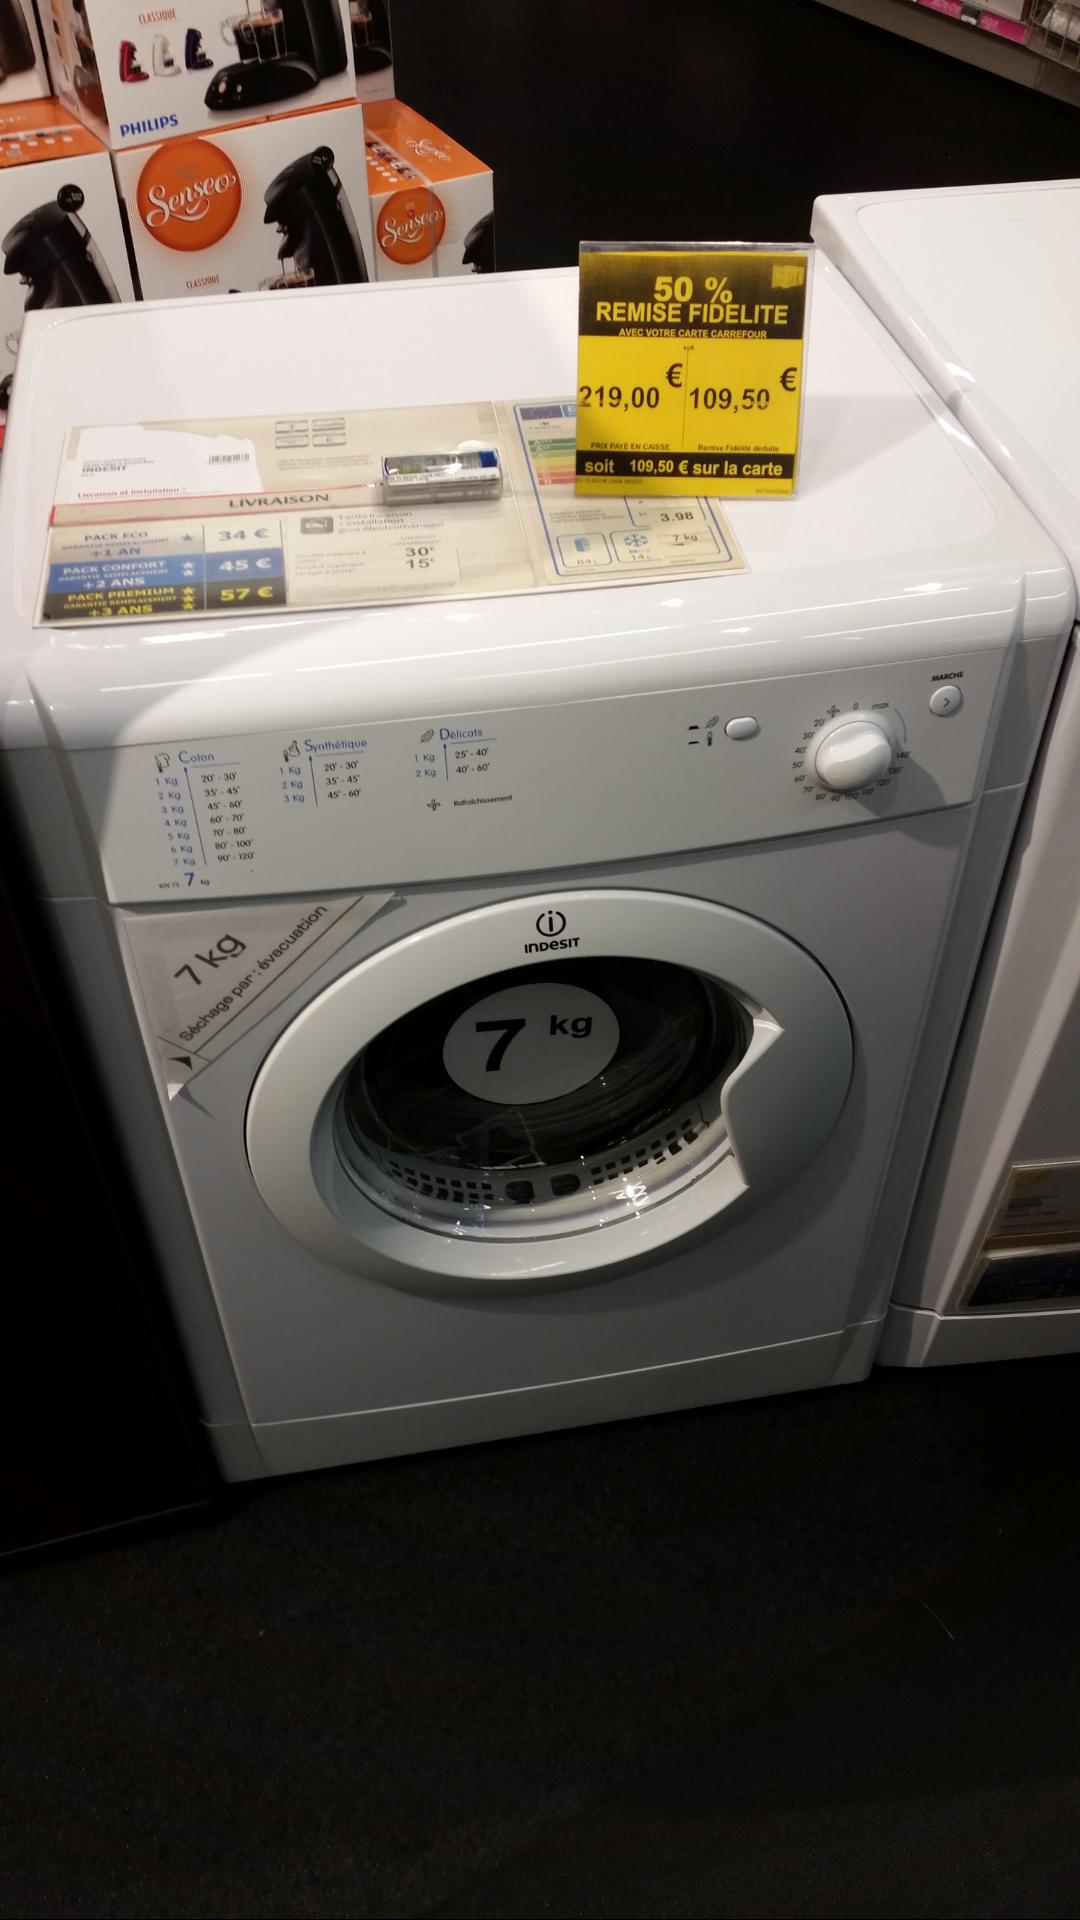 Séche linge et lave vaisselle Indesit à -50% sur la carte de fidélité - Lave vaisselle à 174.5€ et Séche linge 7 Kg